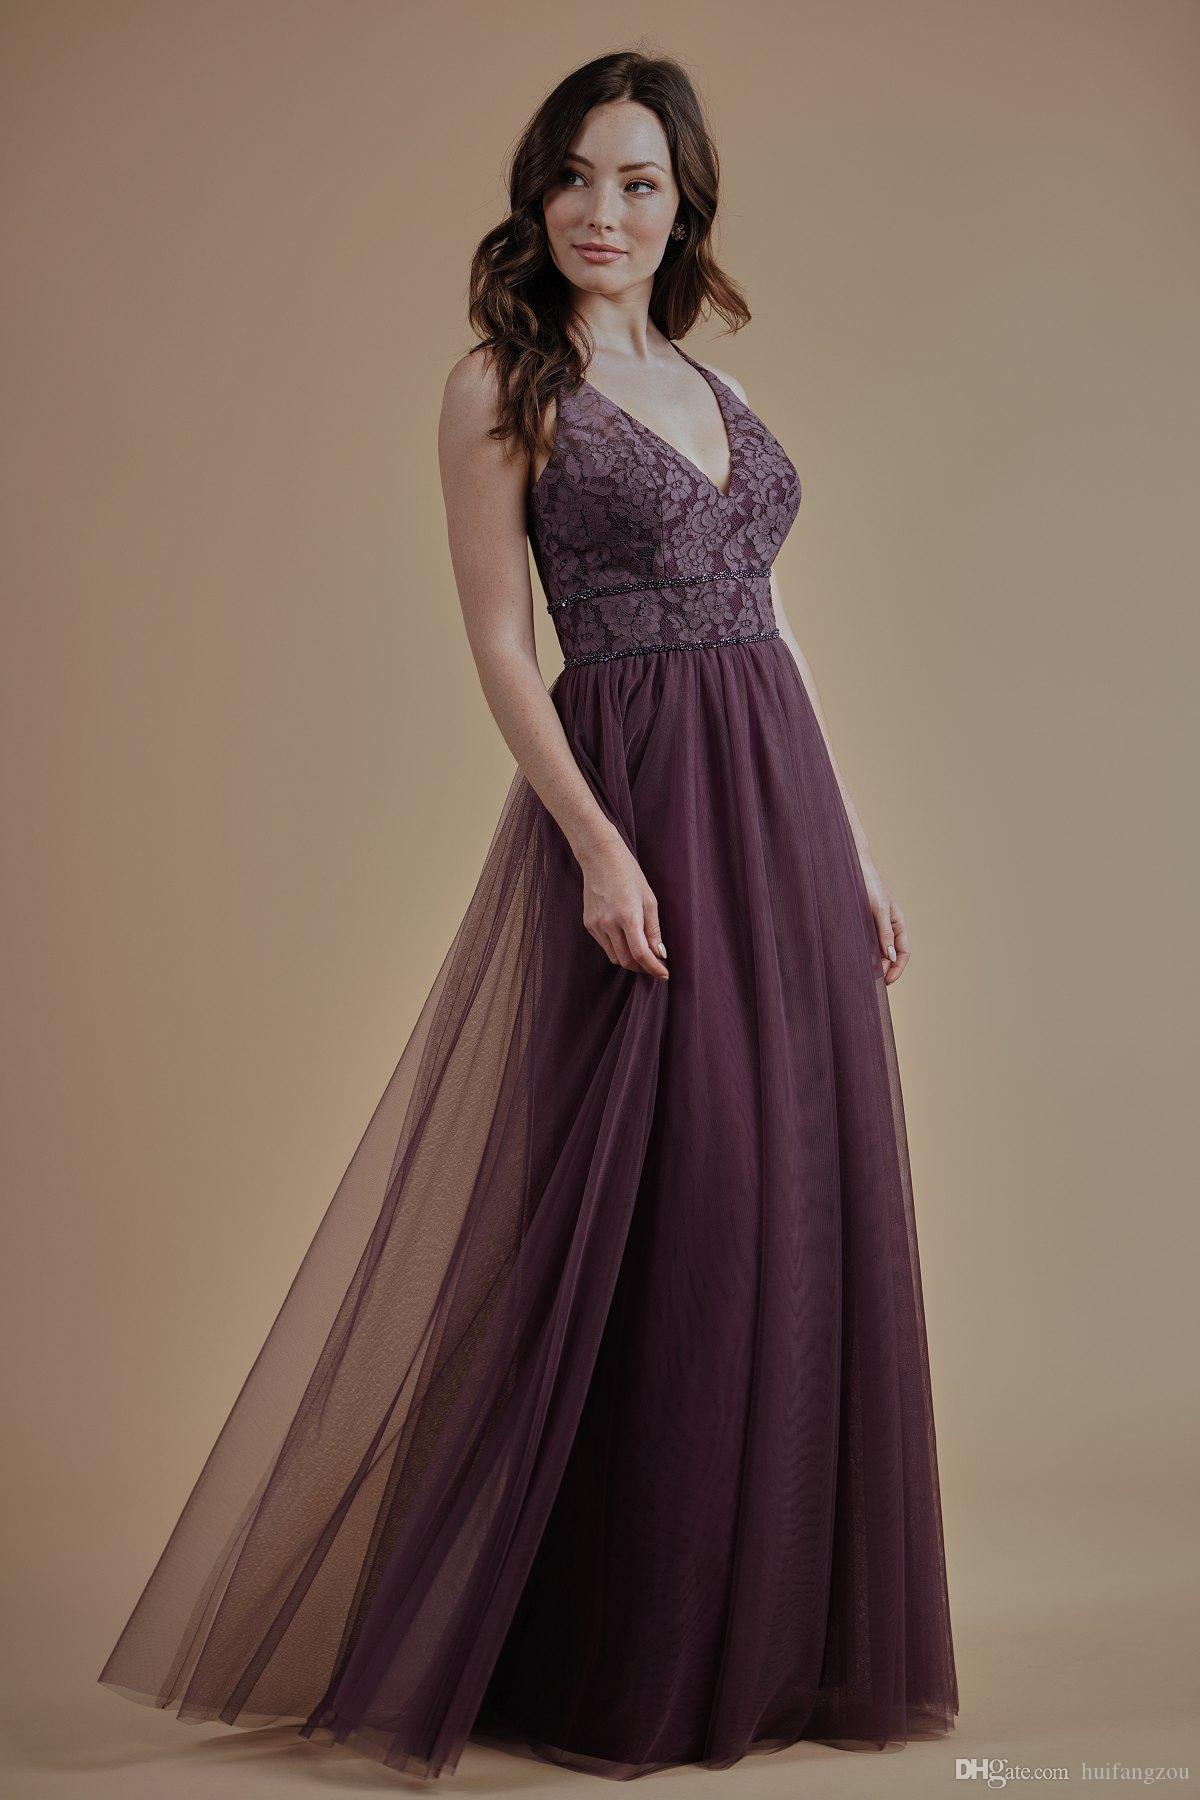 레이스 V 넥 신부 들러리 드레스와 비즈가없는 얇은 명주 그물 바닥 길이 댄스 파티 드레스 이브닝 가운 여성 공식 마모